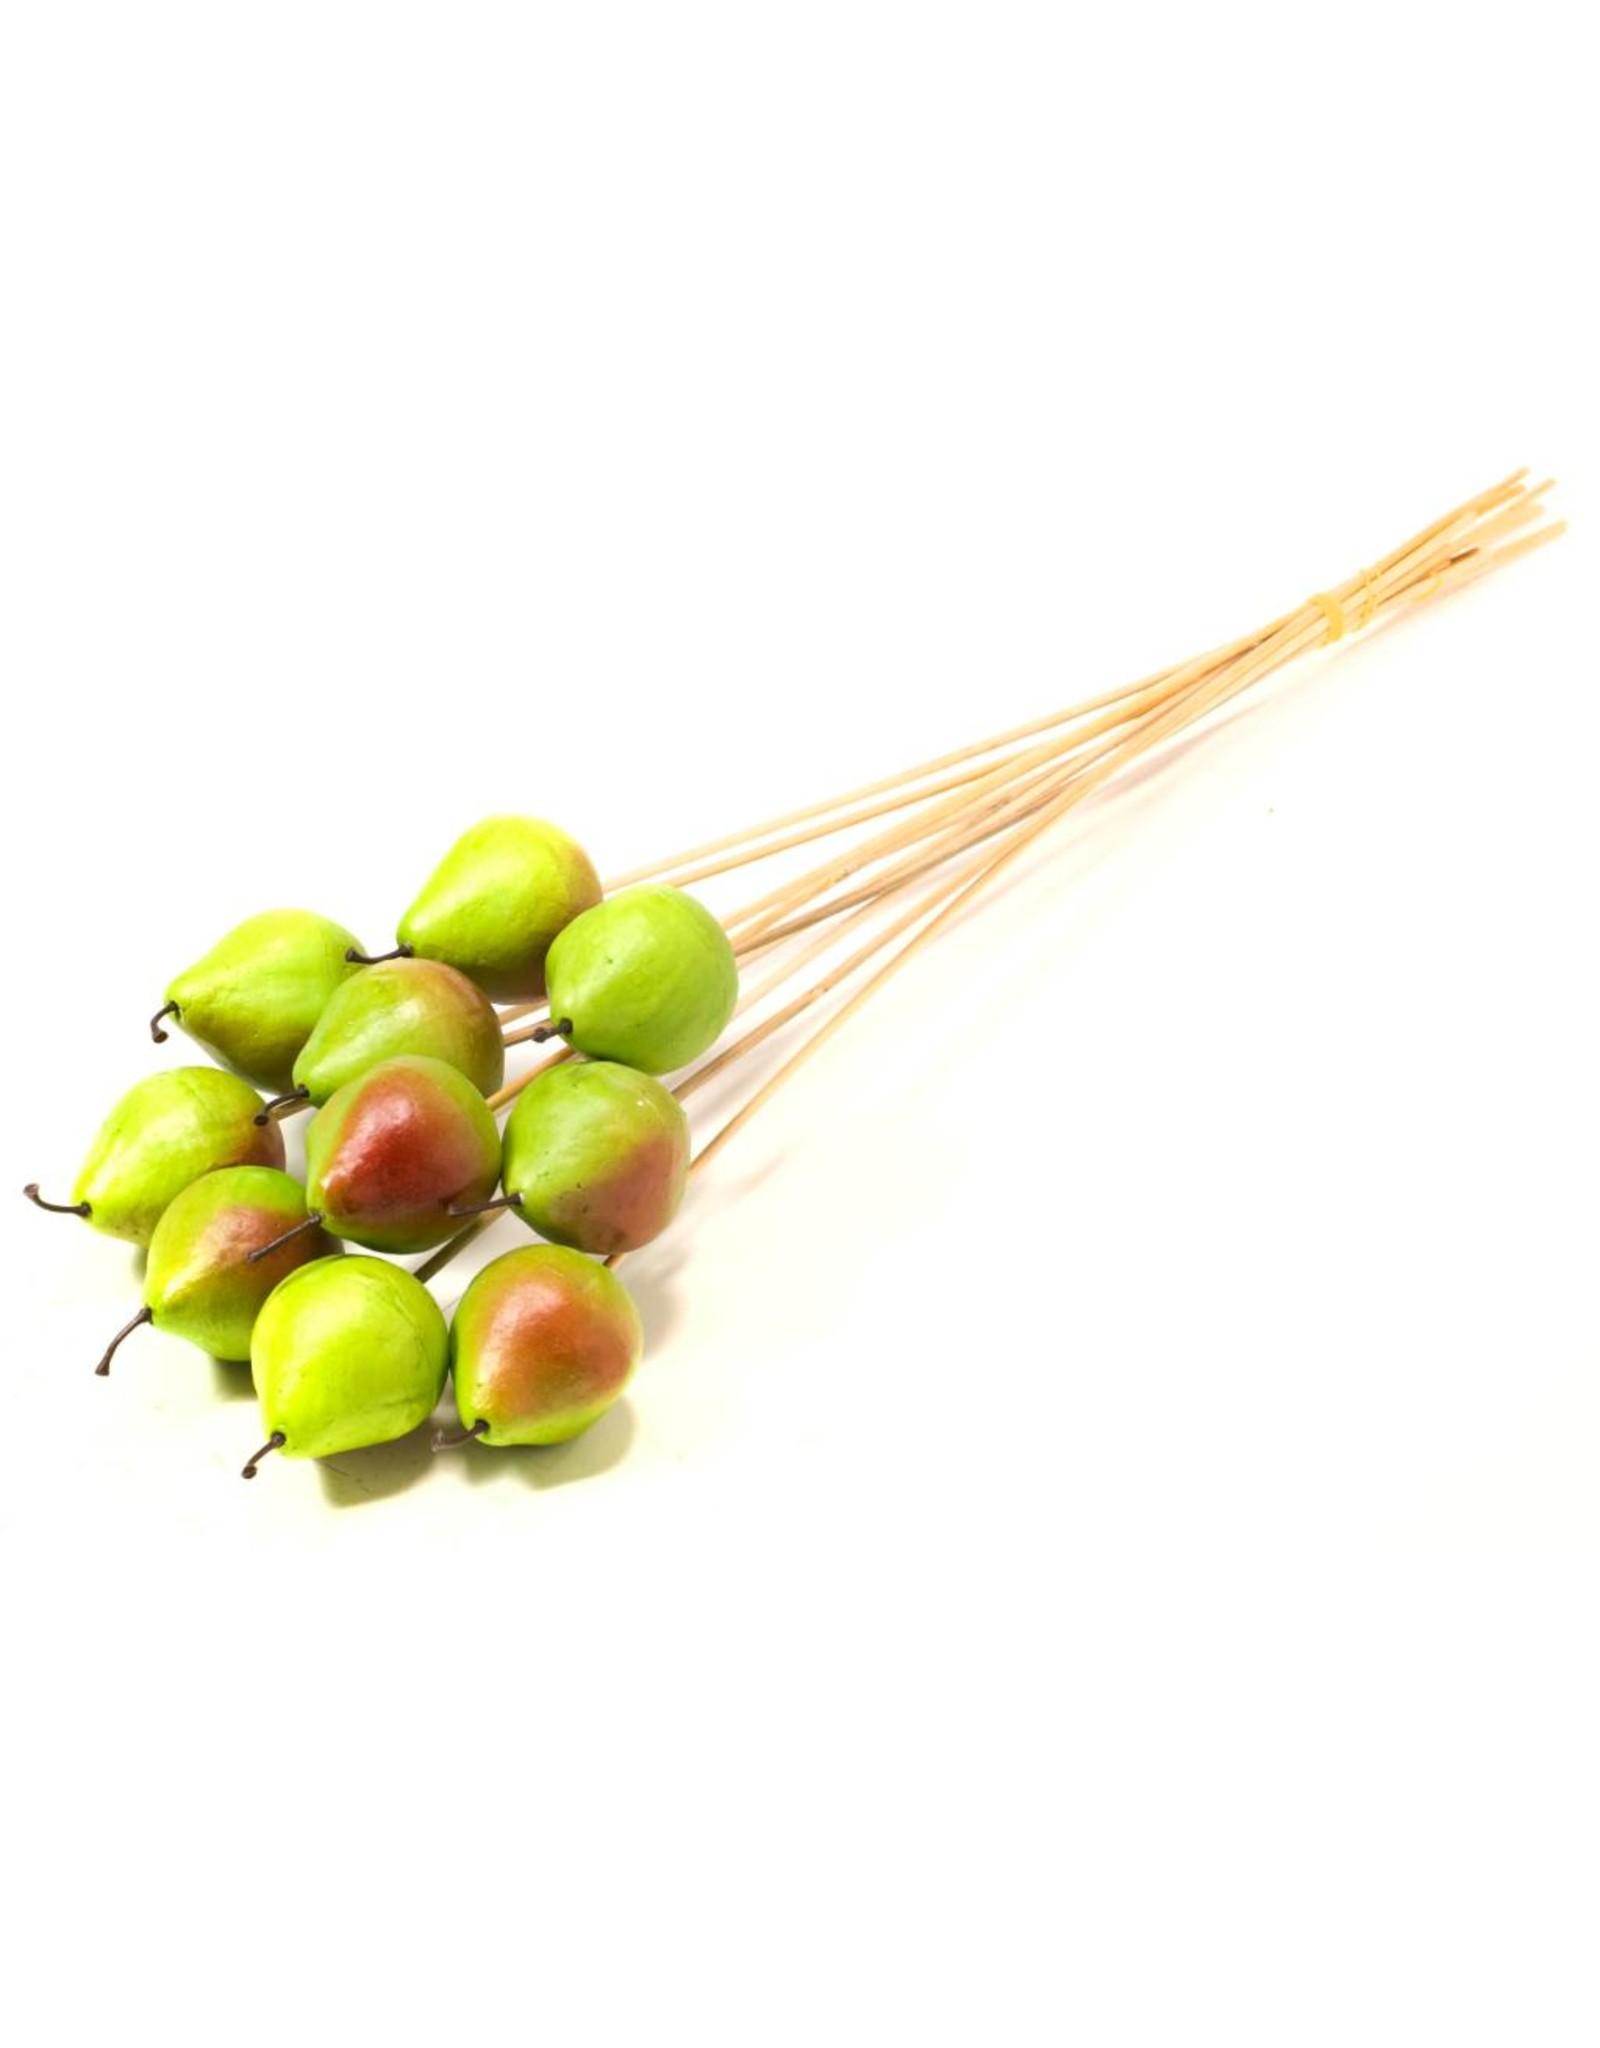 LDD Pear 5cm o/s 10pc natural green x 25